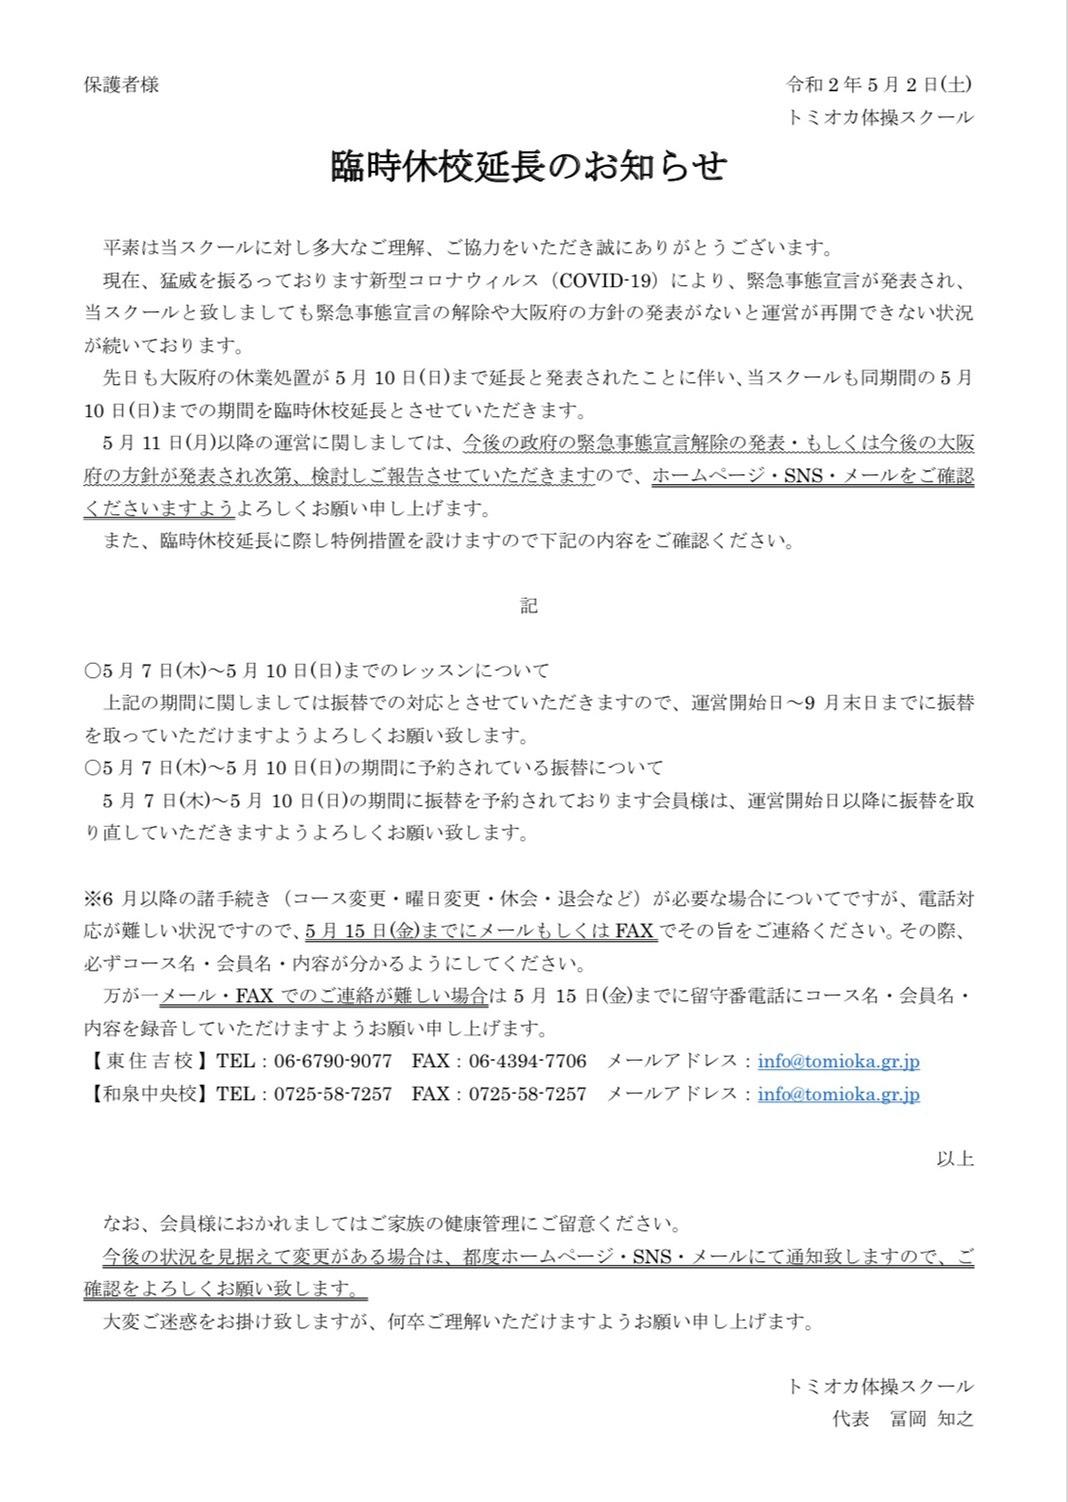 臨時休校延長のお知らせ